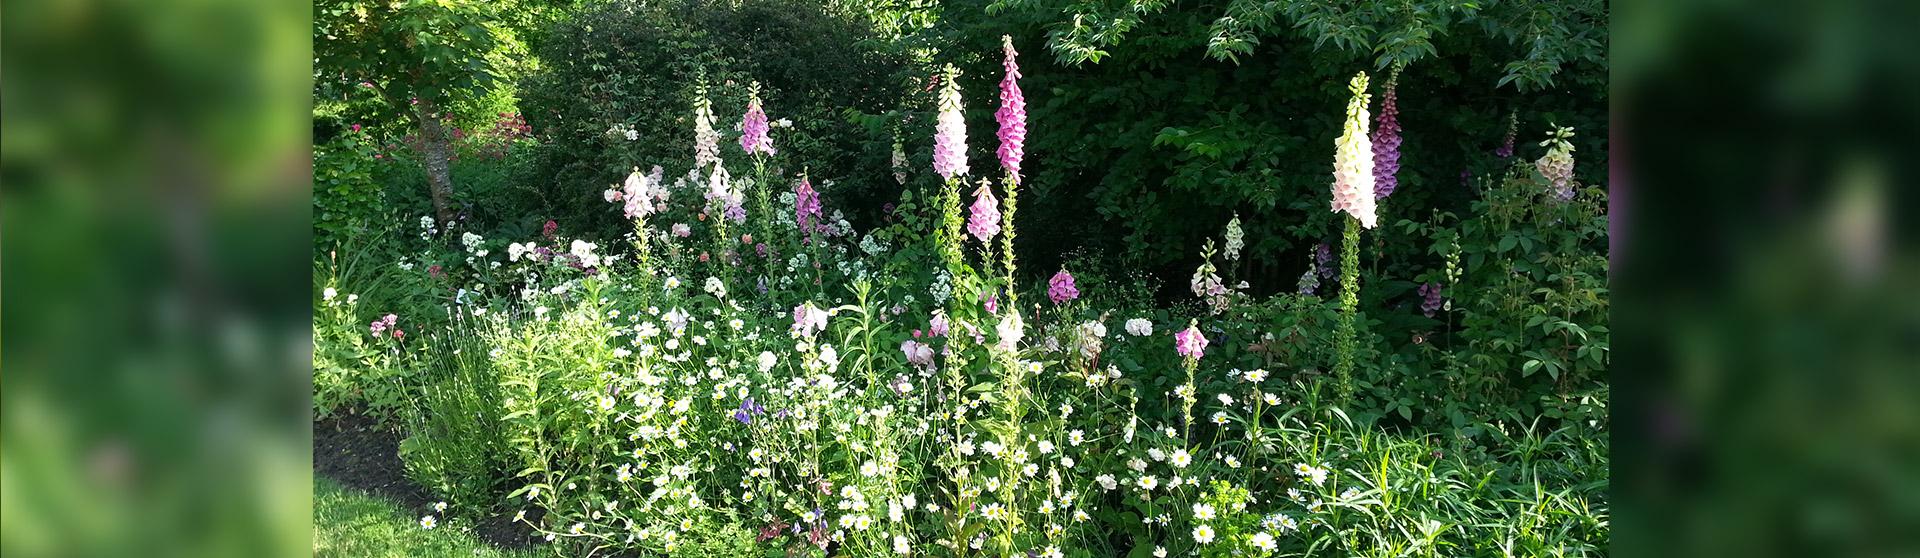 Jardins l anglaise champ tre et romantique jardins for Jardin romantique anglais